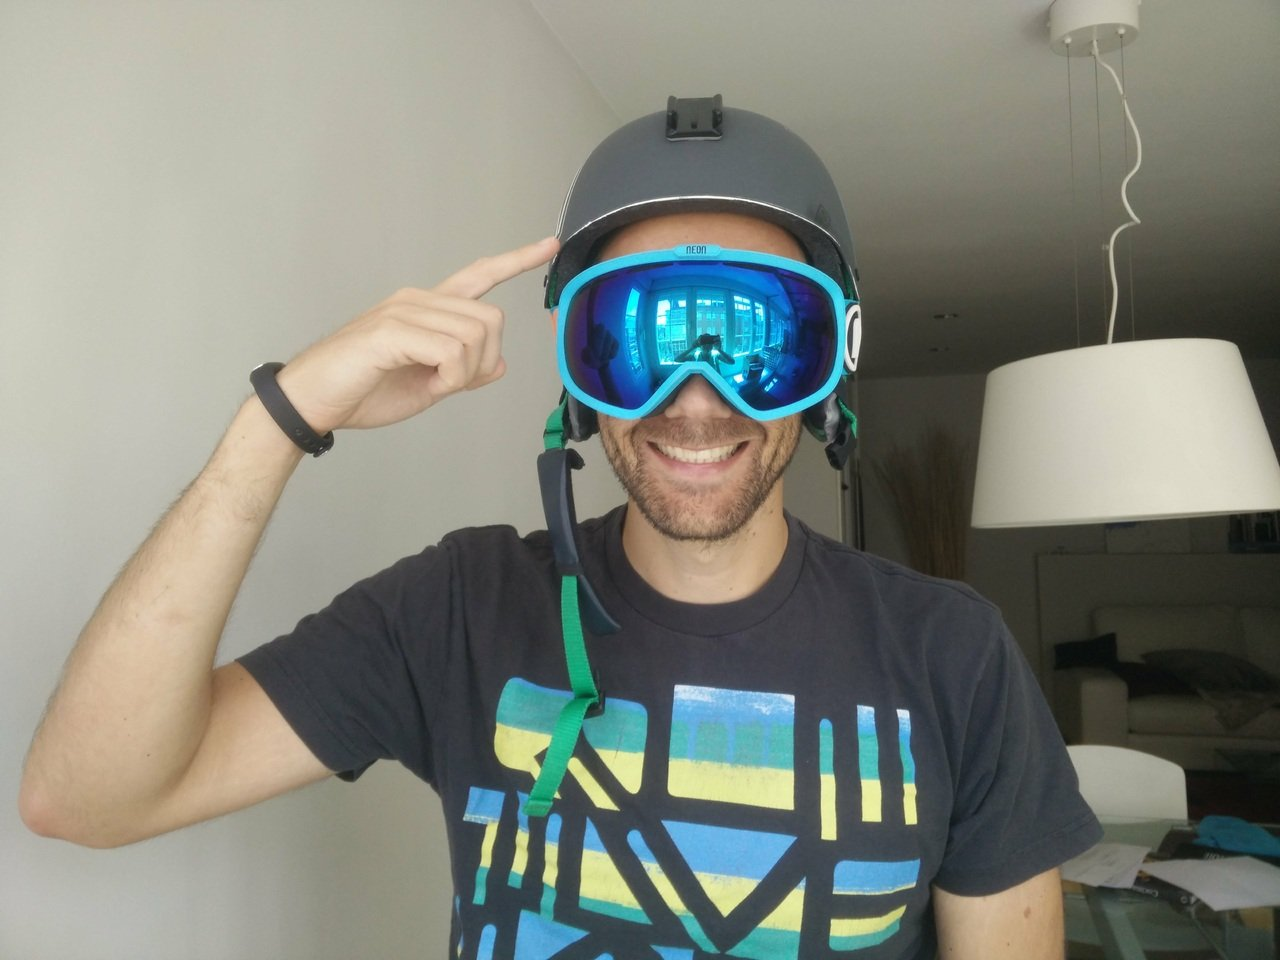 a5c27ddad3 Cómo escoger gafas de esquí? - 110% SKI - Nevasport.com